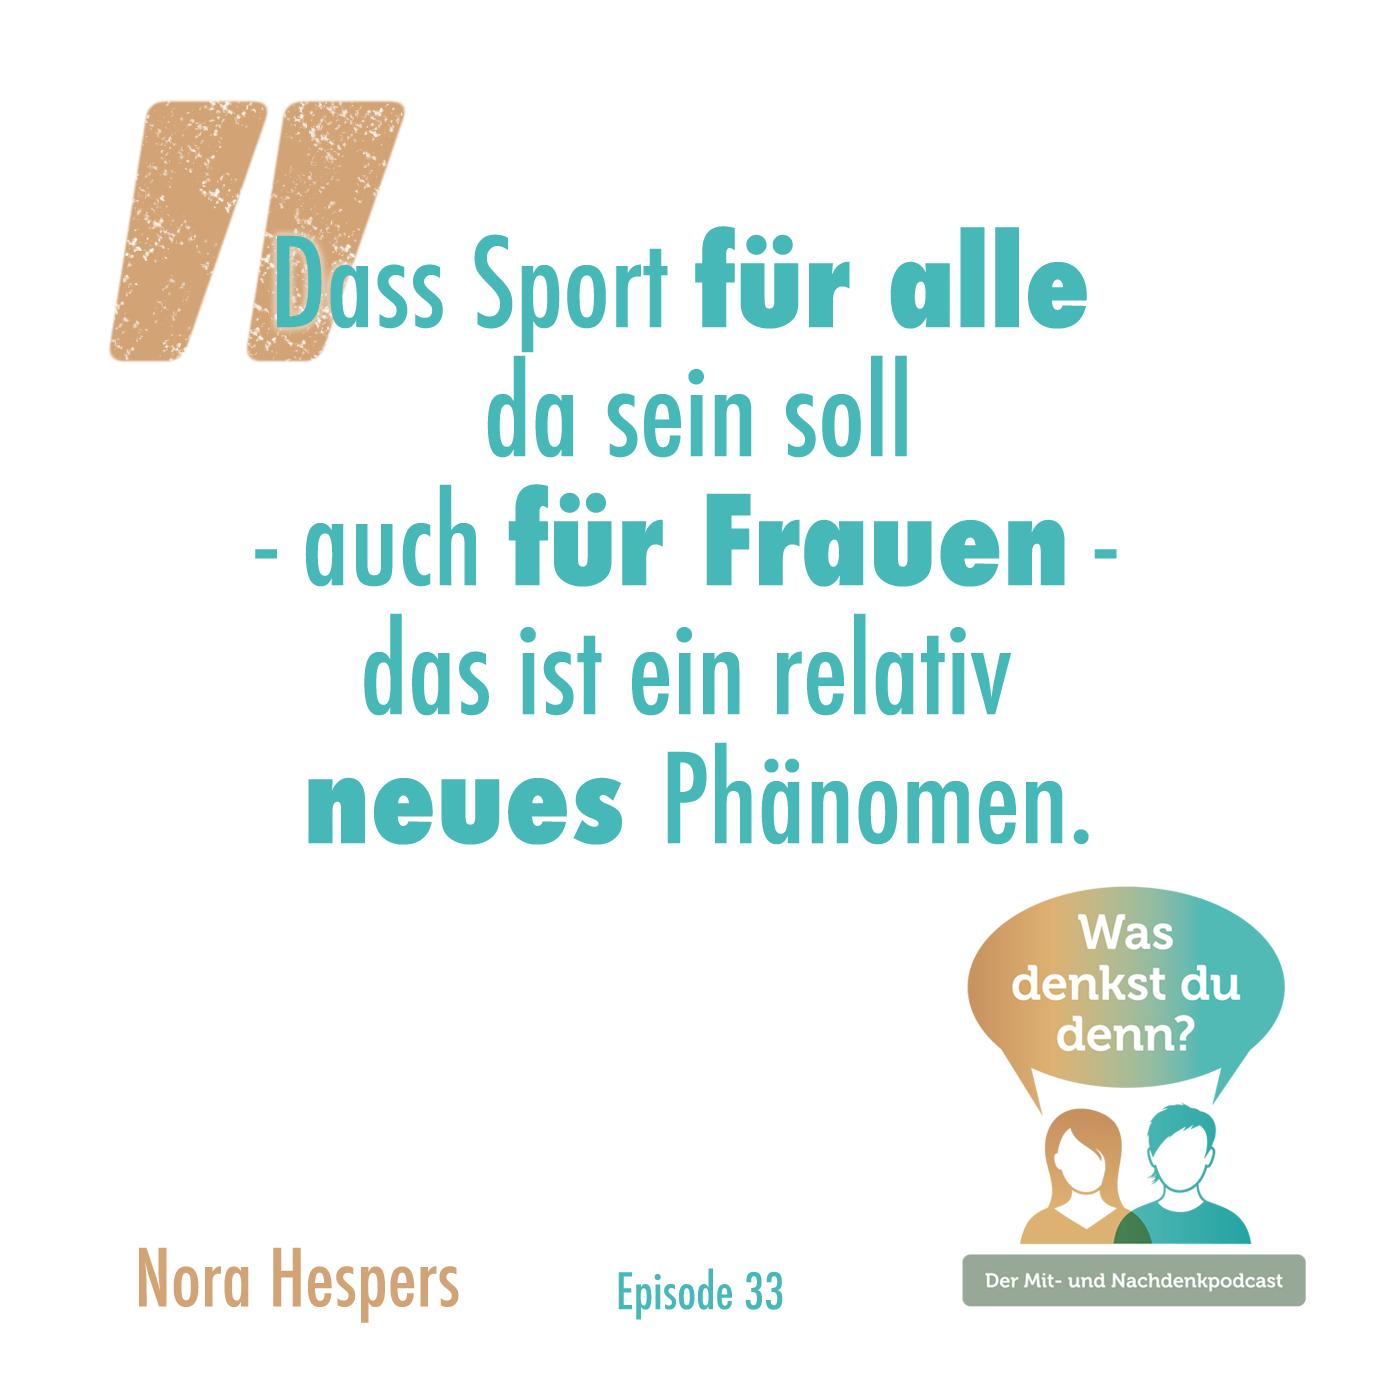 """Dass Sport für alle da sein soll - auch für Zitat Nora Hespers: """"Frauen - das ist ein relativ neues Phänomen."""""""